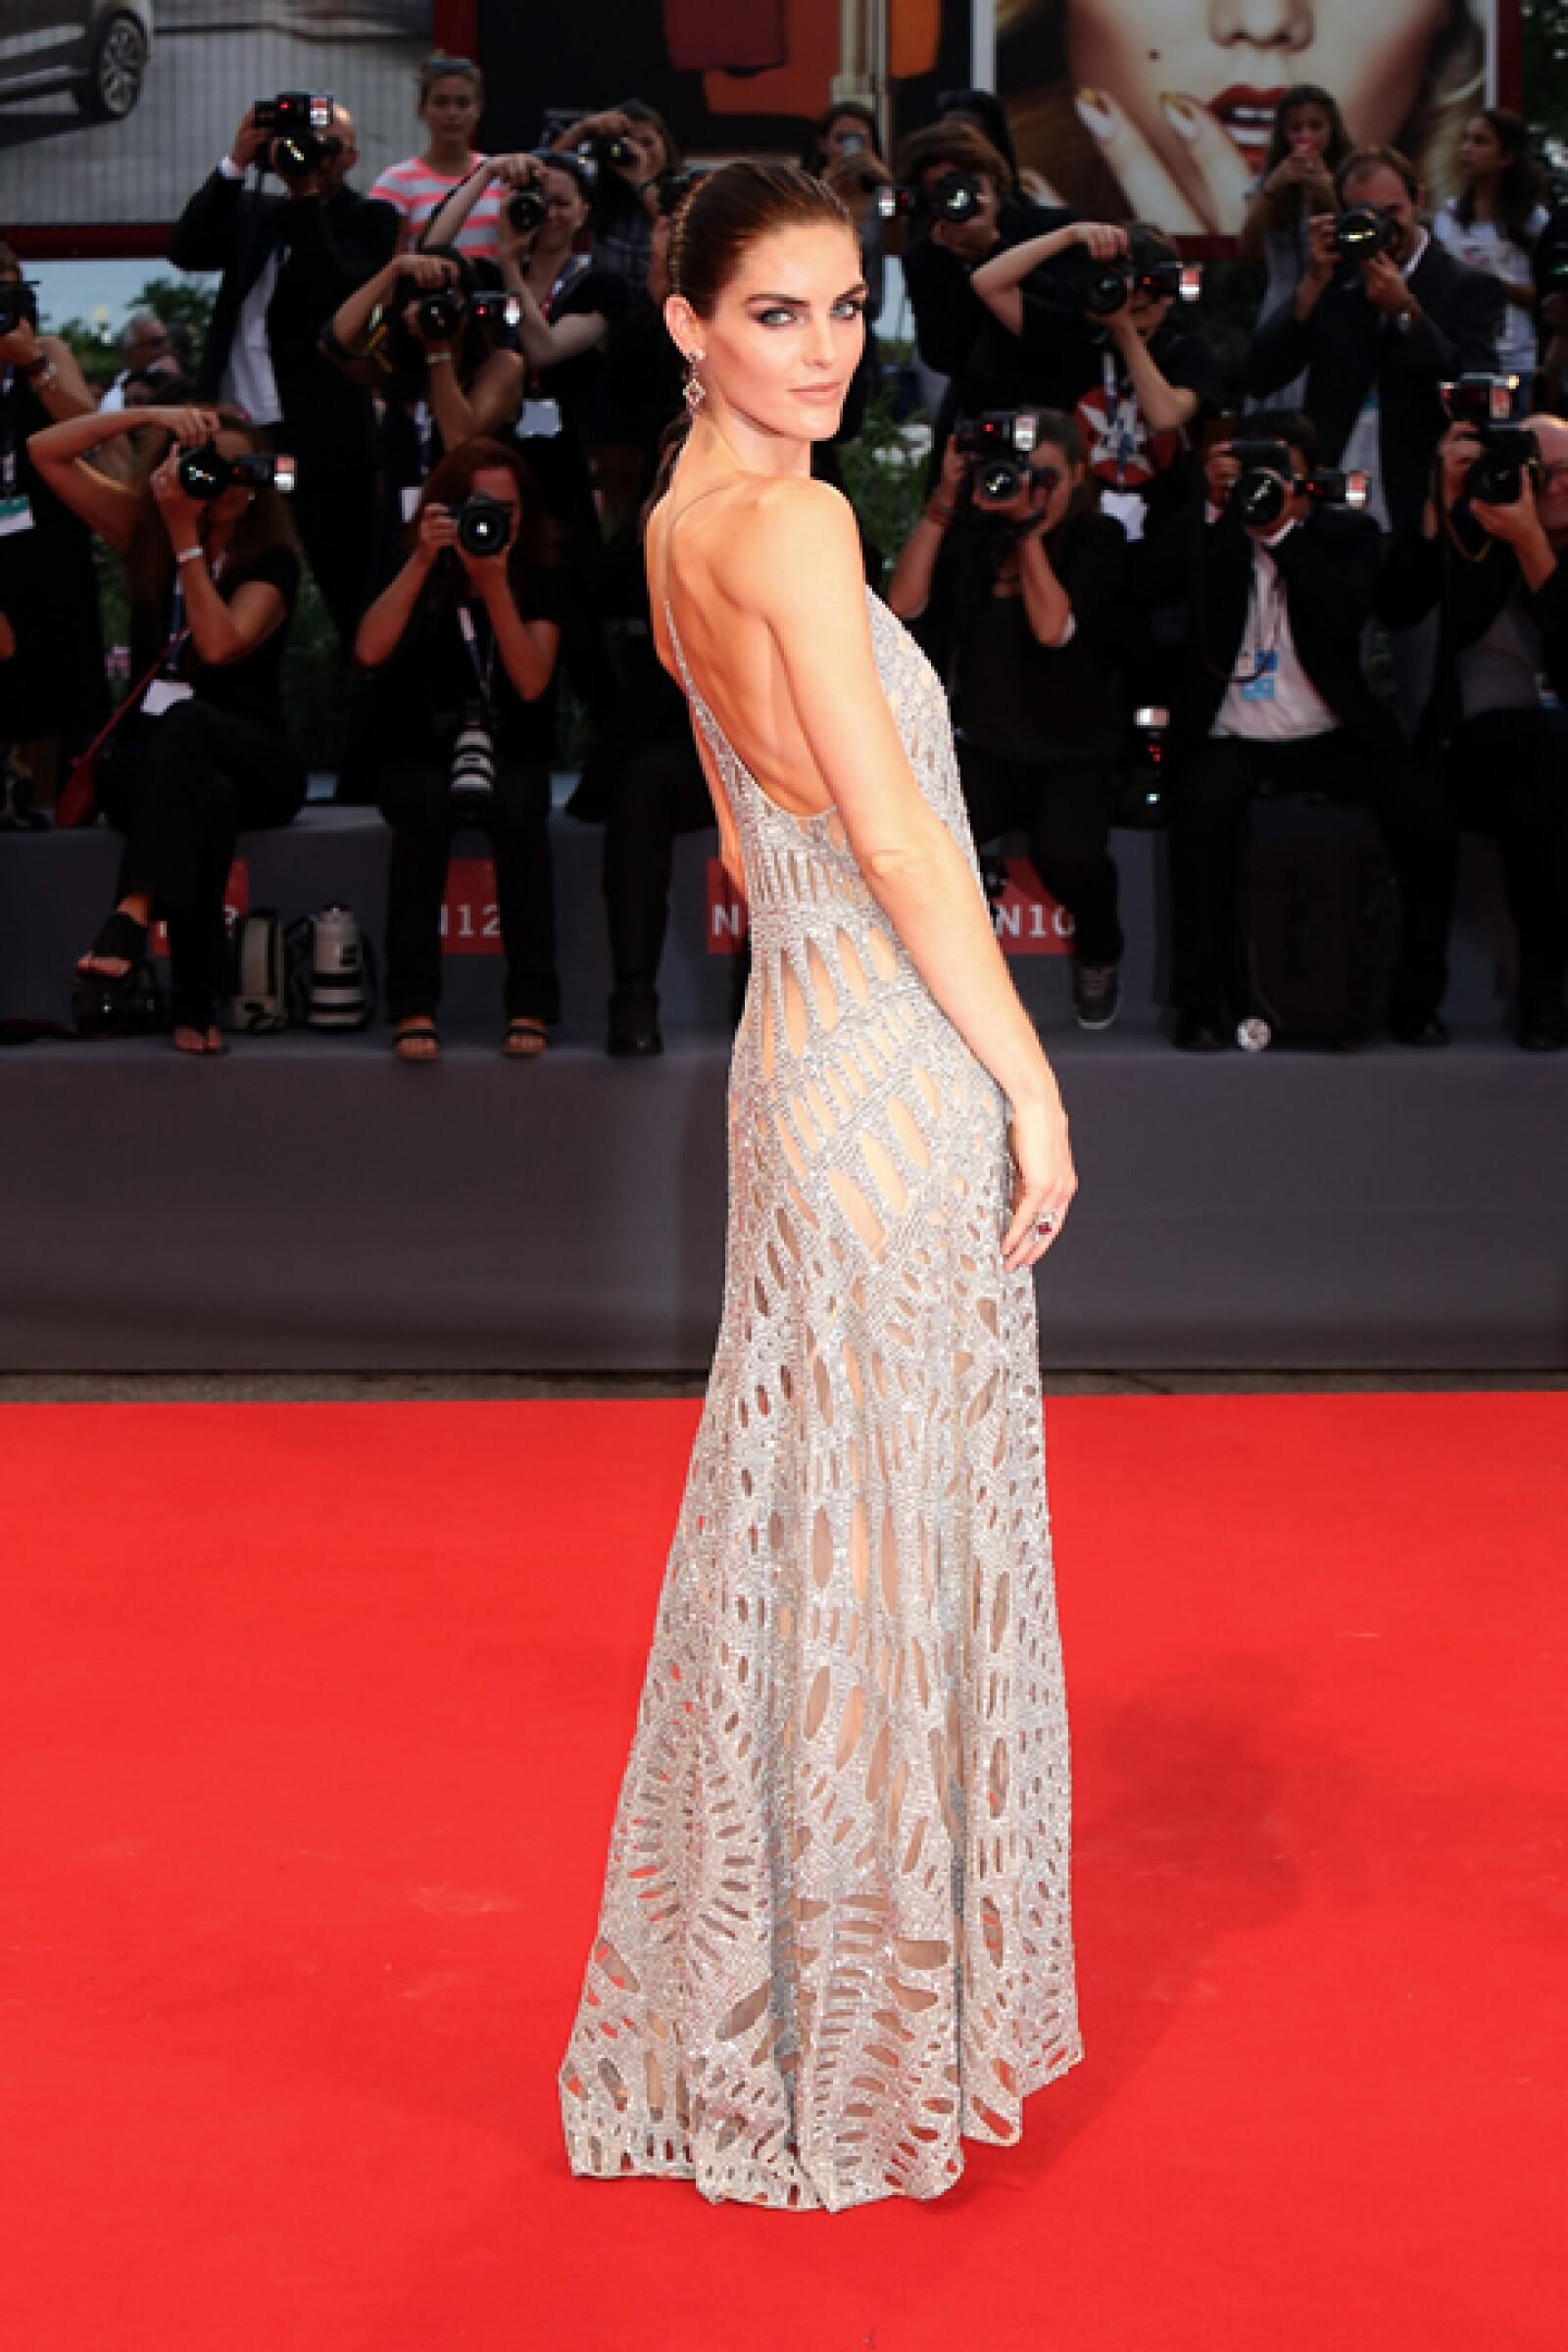 Hilary Rhoda llegó súper sexy a la premiere de `Spotlight´ con un vestido de lentejuelas y cut outs de Kaufmanfranco que complementó con joyas de Chopard.